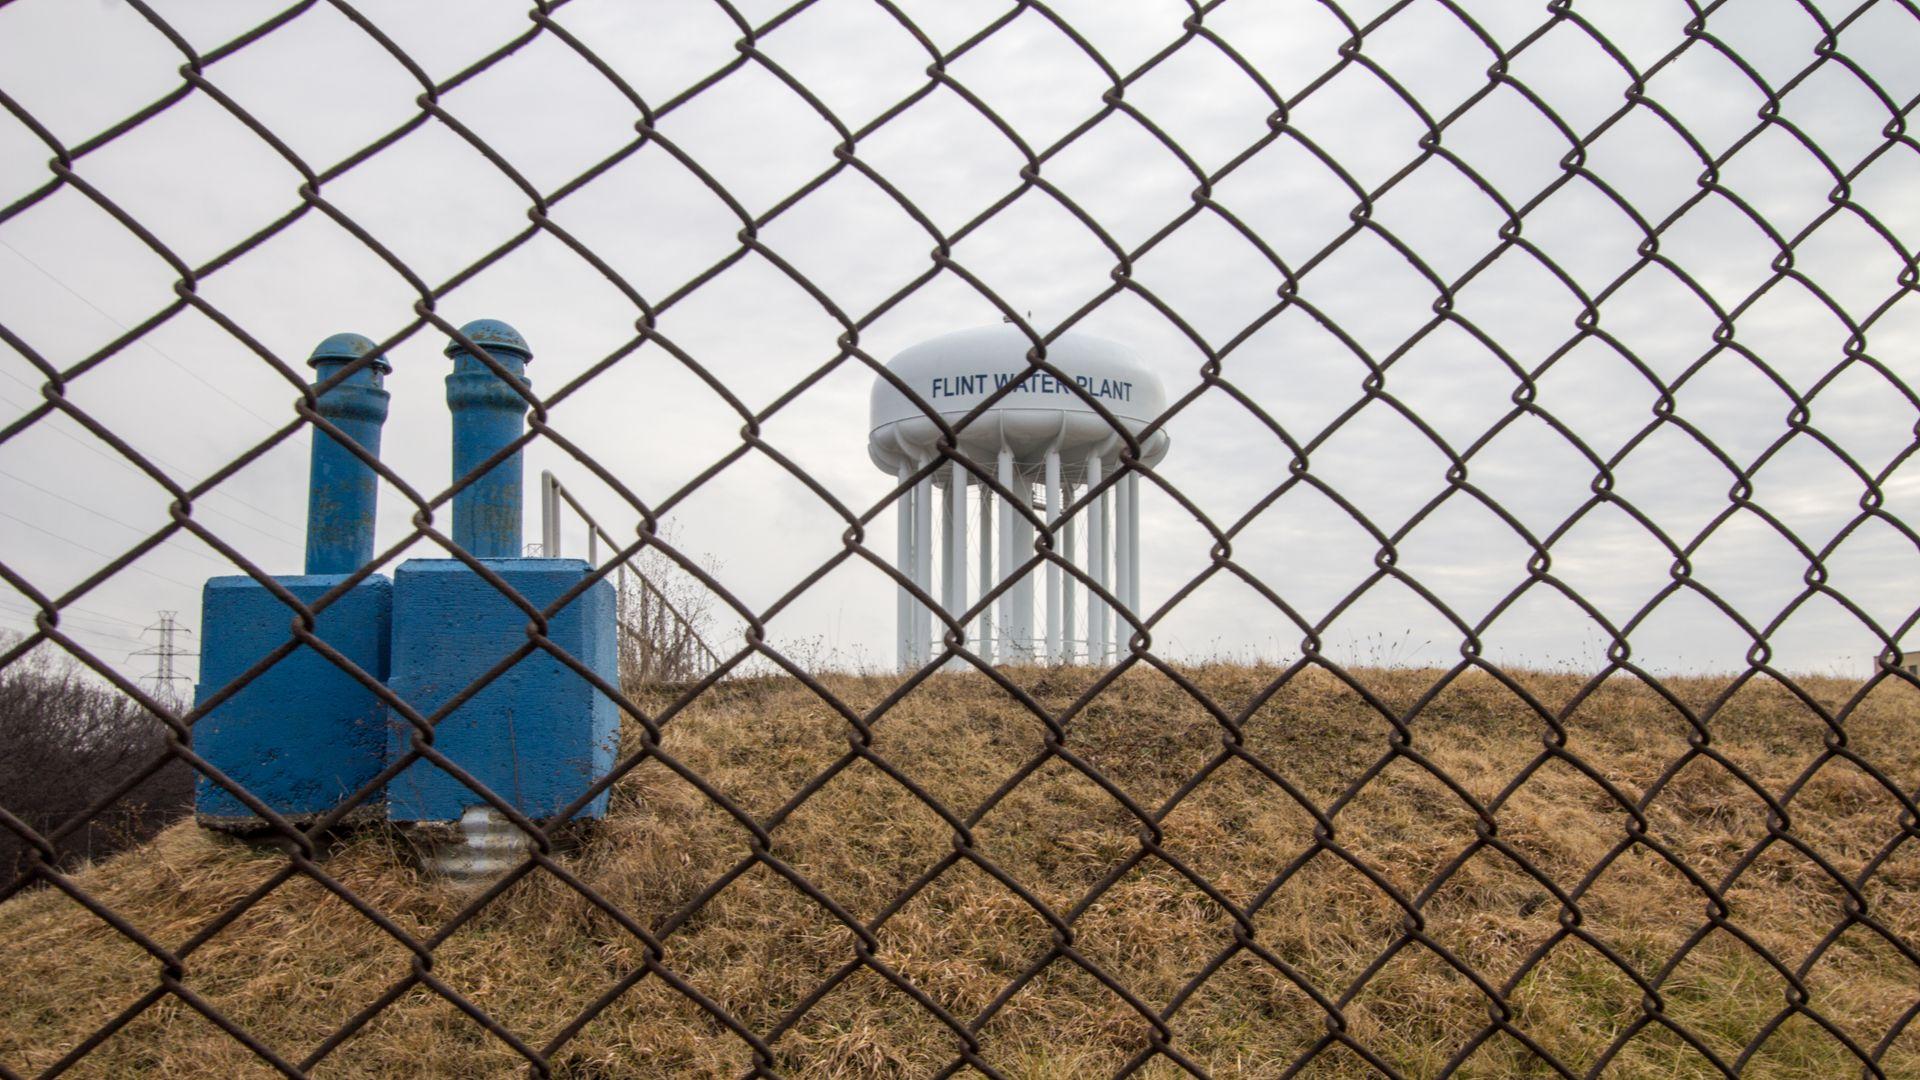 Flint, Michigan water plant